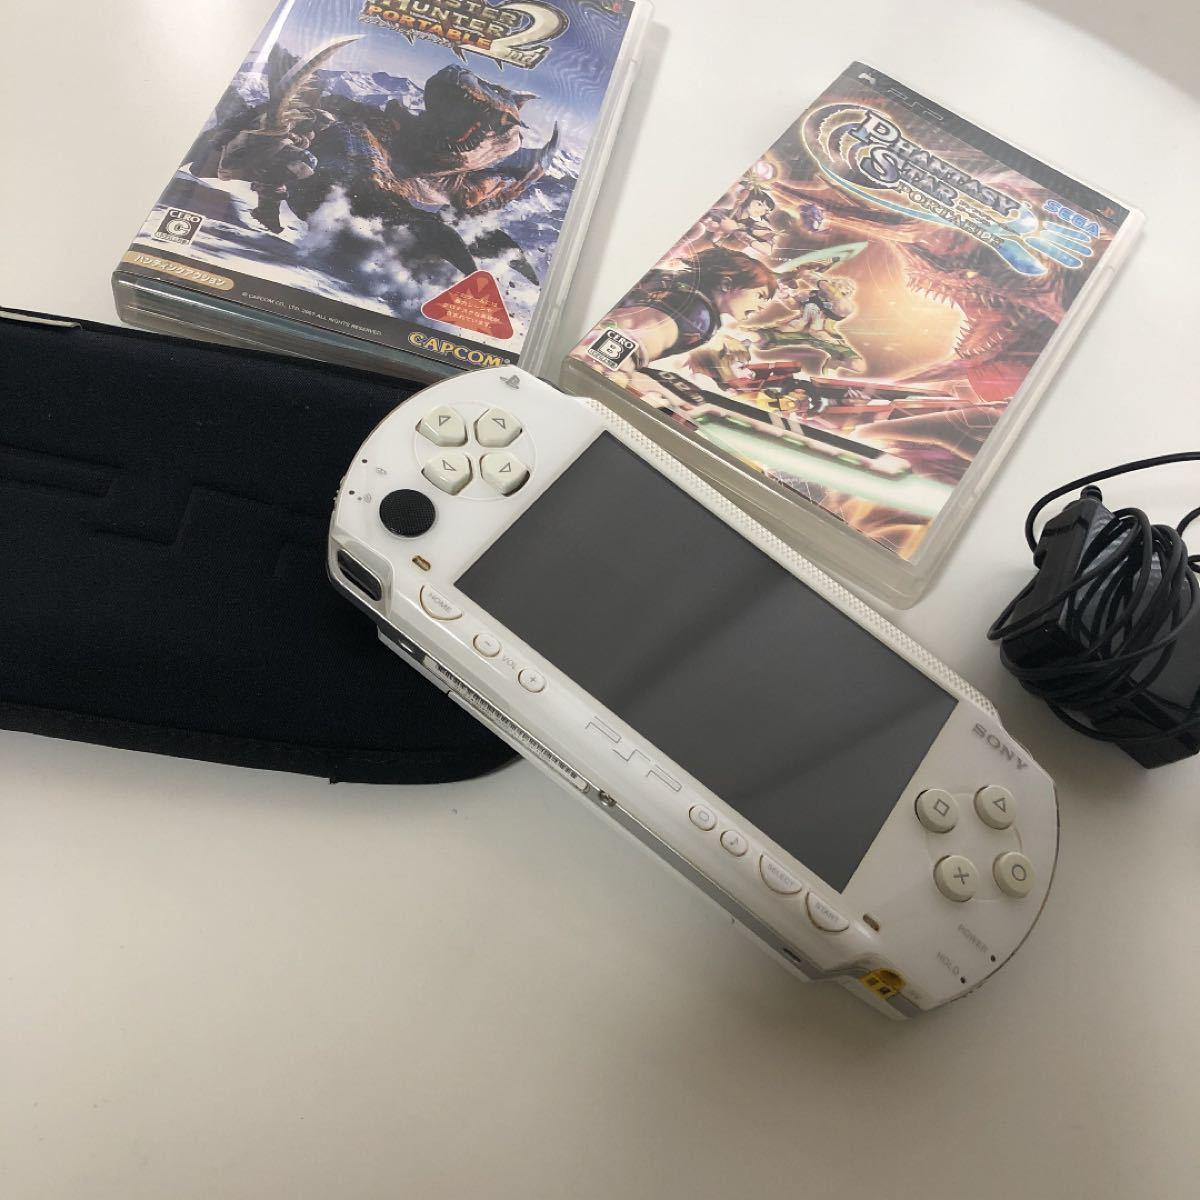 PSP本体 ソニー SONY  セット売り モンハン2 ファンタシースターポータブル